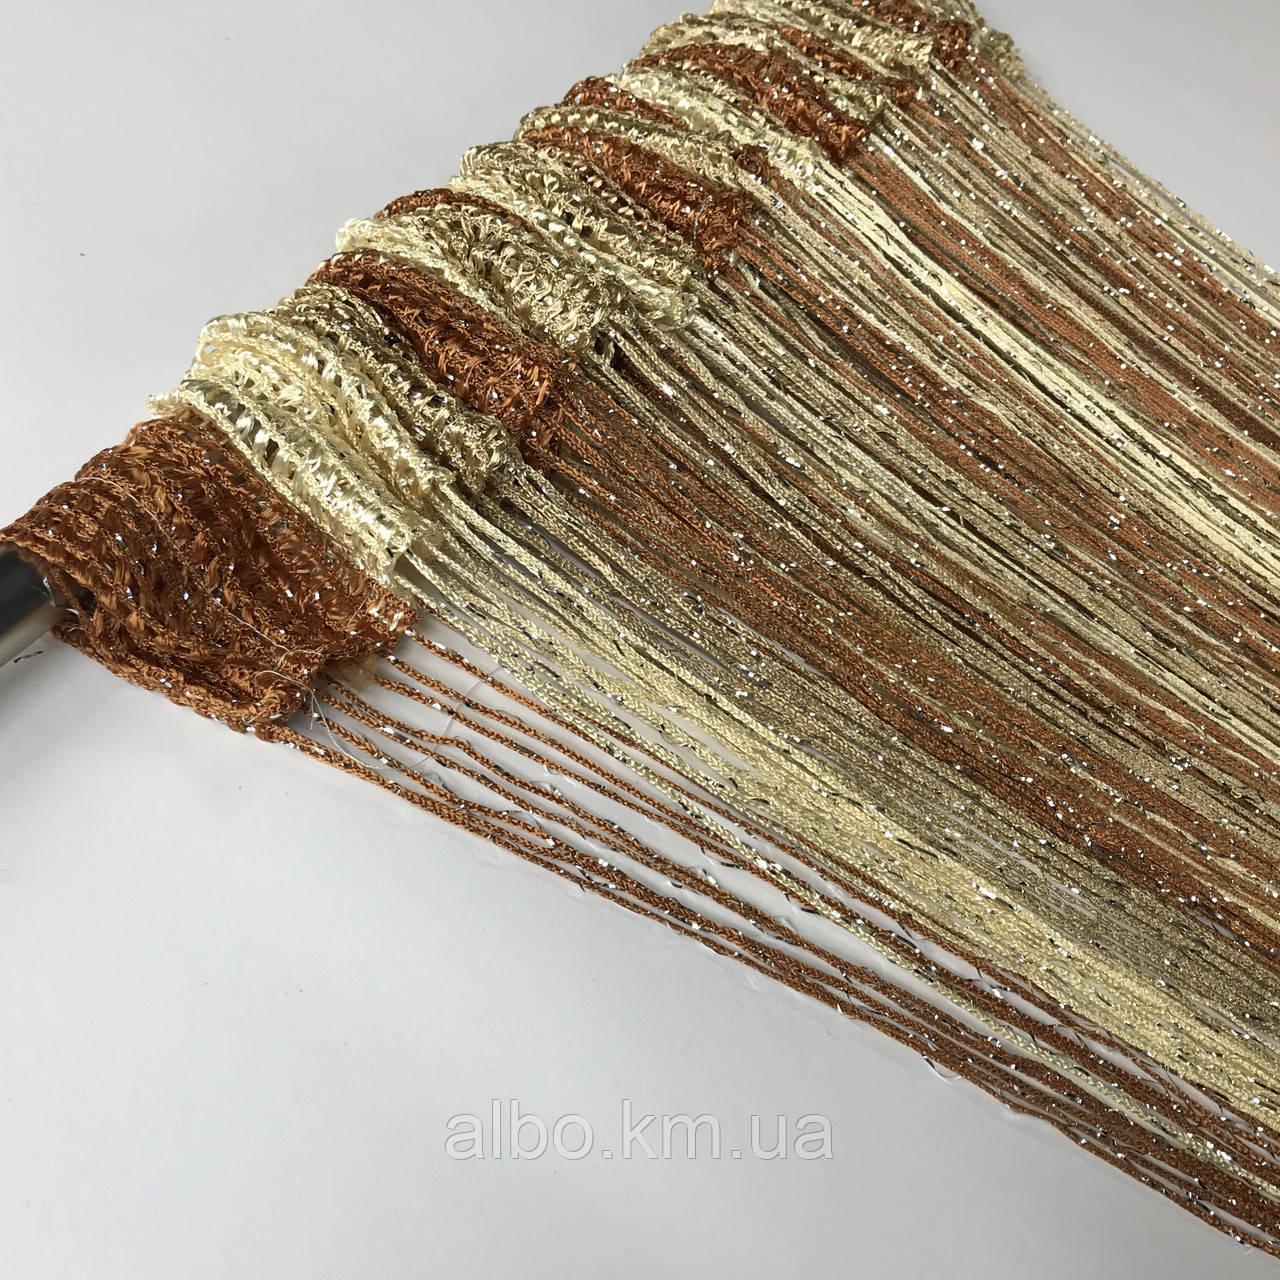 Тюль Кисея с люрексом 300x280 cm орехово-золото-кофейная  (Ki-10-13-14)